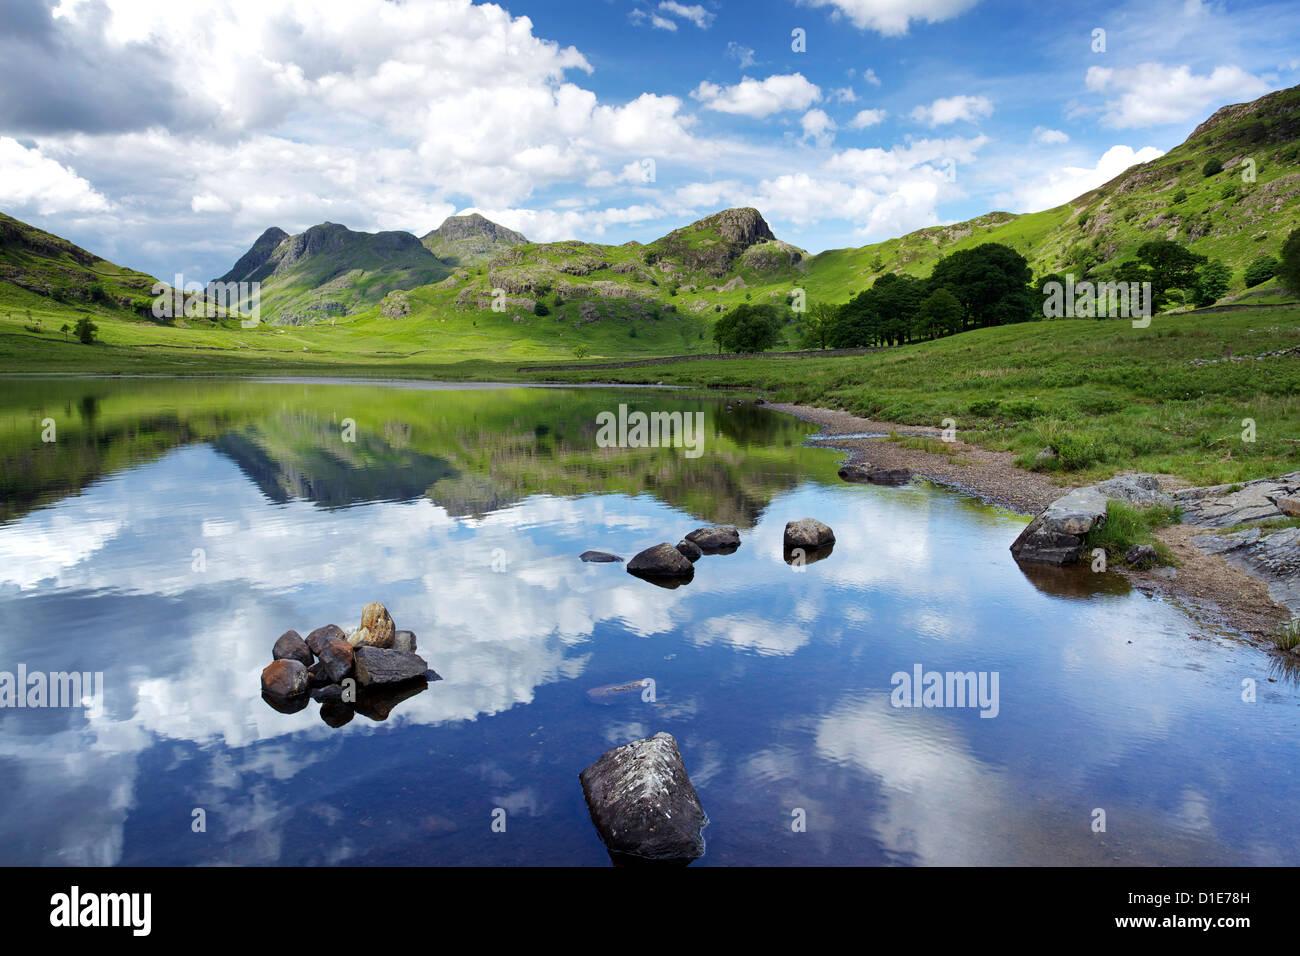 Blea Tarn et Langdale Pikes, Parc National de Lake District, Cumbria, Angleterre, Royaume-Uni, Europe Banque D'Images